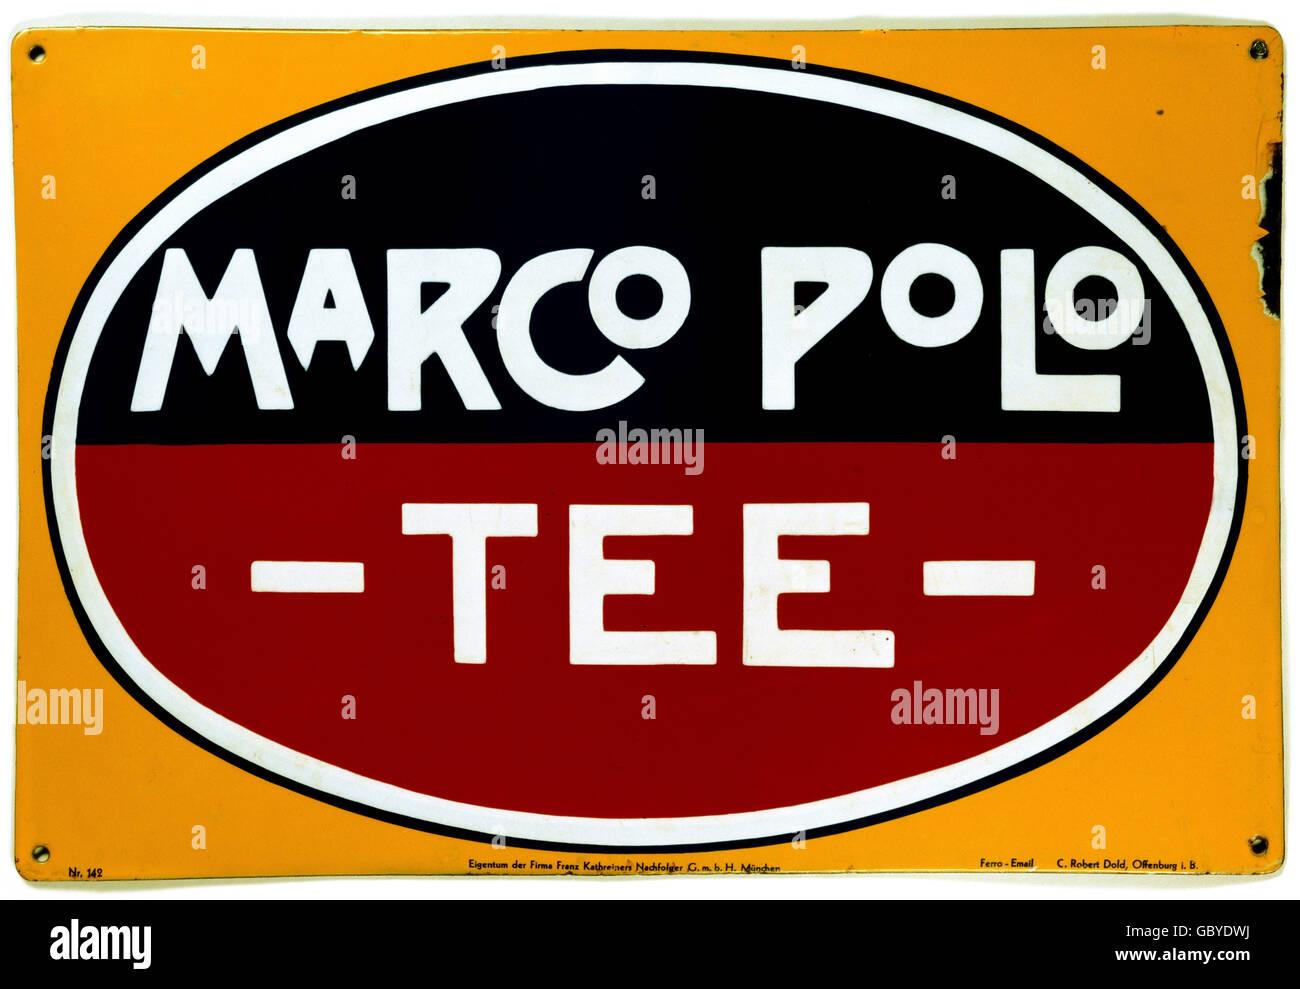 publicidad, bebidas, té, Marco Polo Tea, placa esmaltada, Alemania, alrededor de 1925, Derechos adicionales-Clearences-no disponible Foto de stock